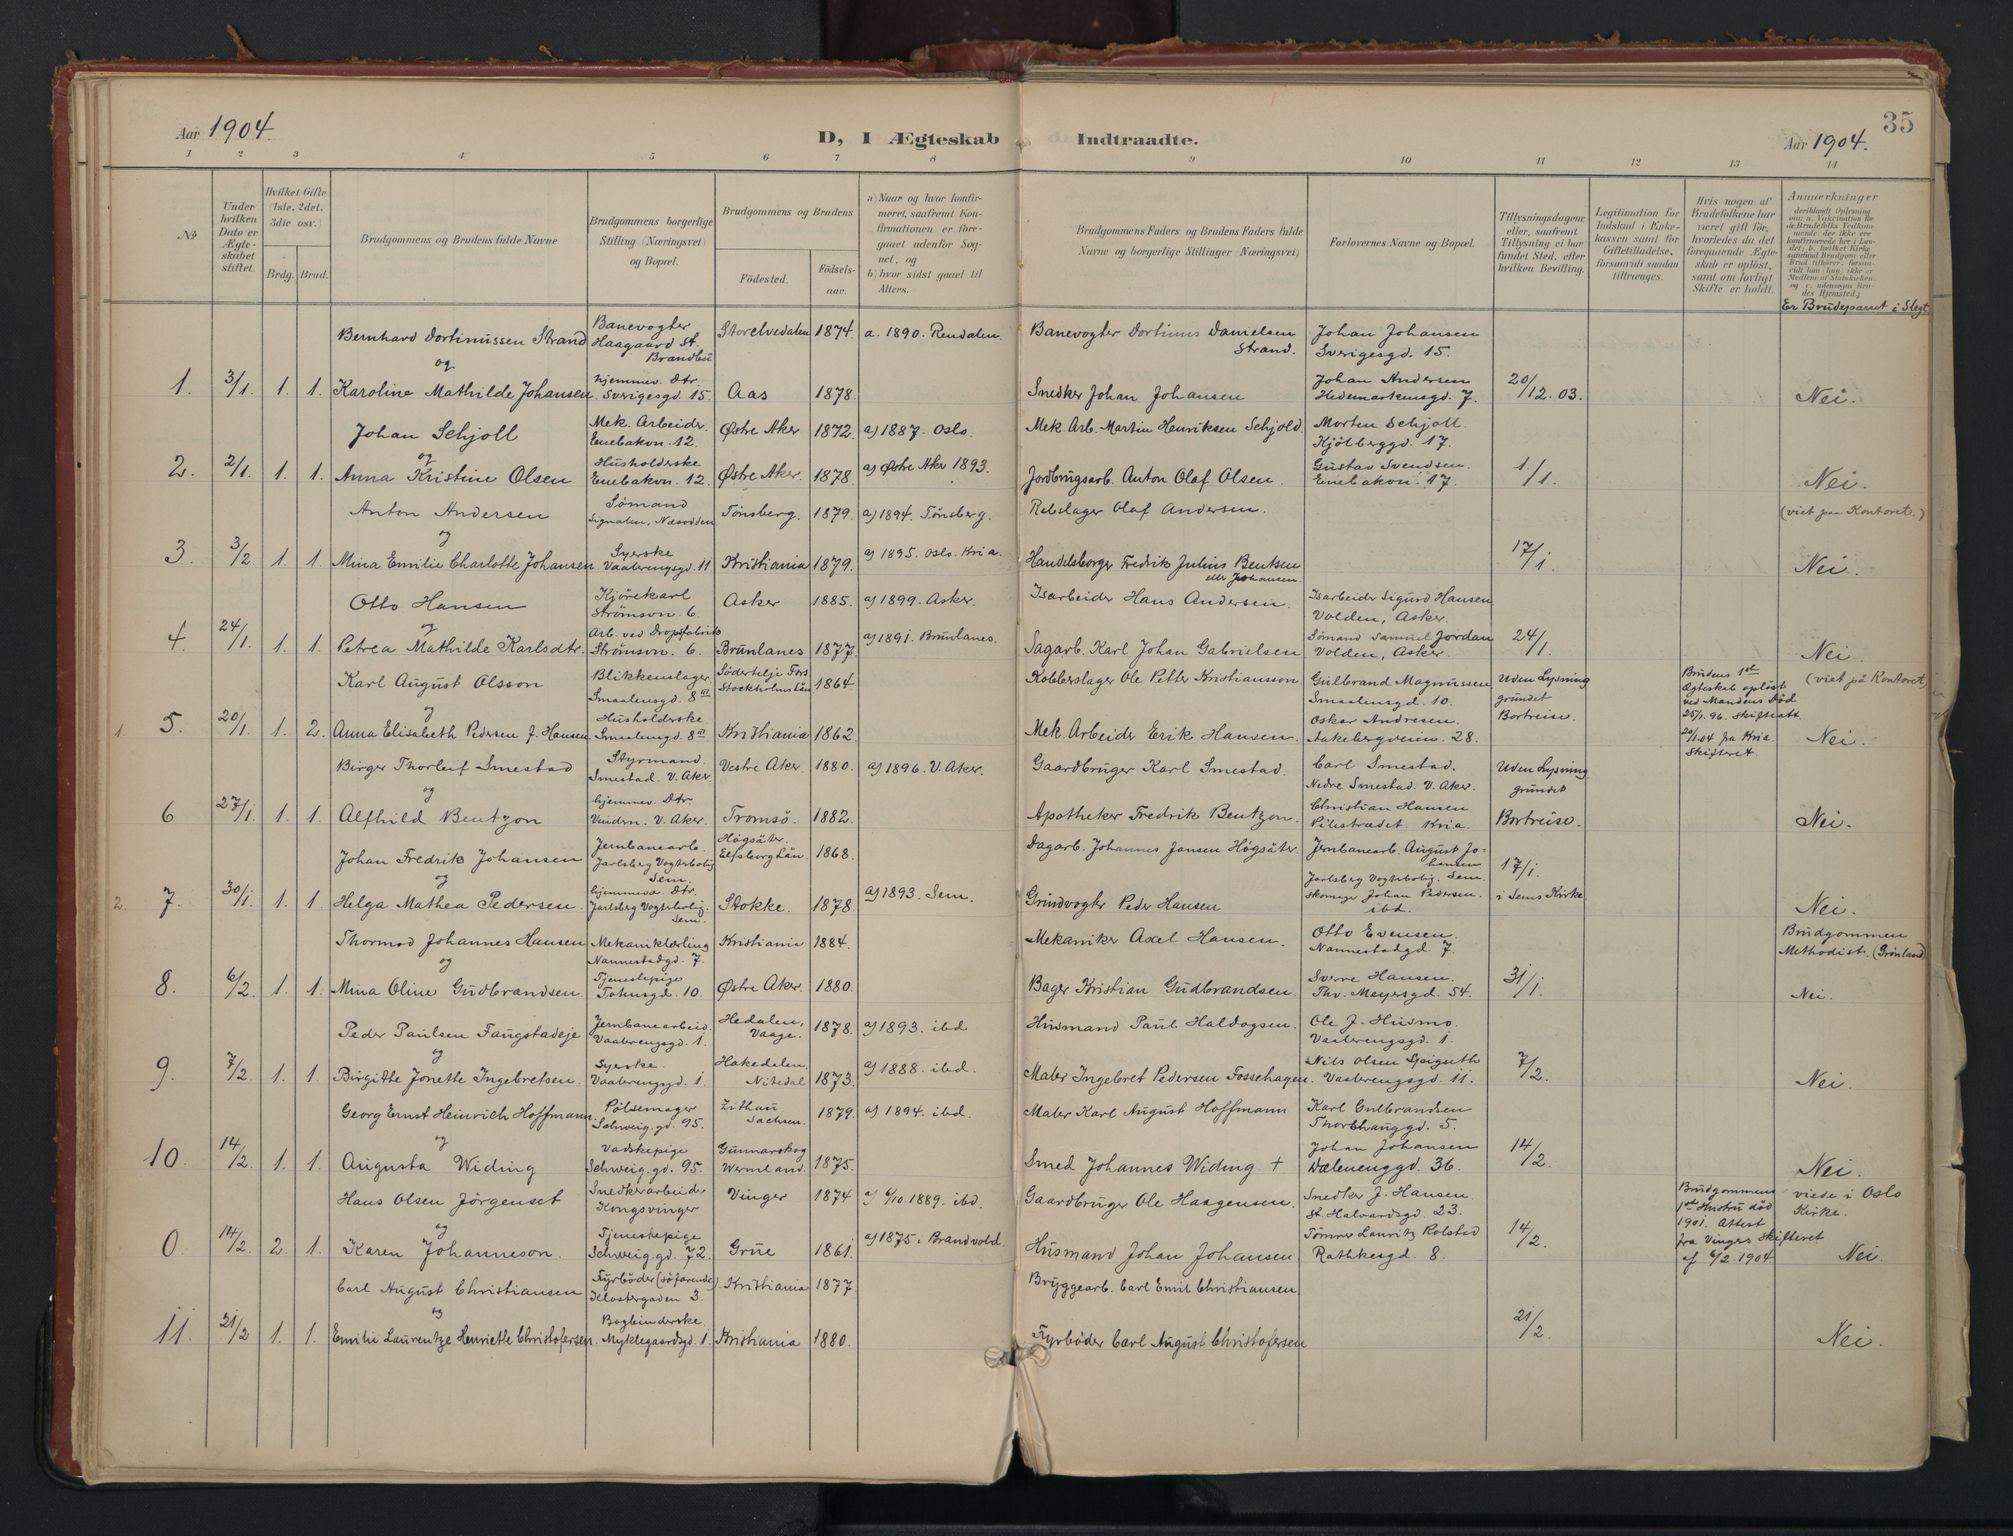 SAO, Vålerengen prestekontor Kirkebøker, F/Fa/L0002: Ministerialbok nr. 2, 1899-1924, s. 35